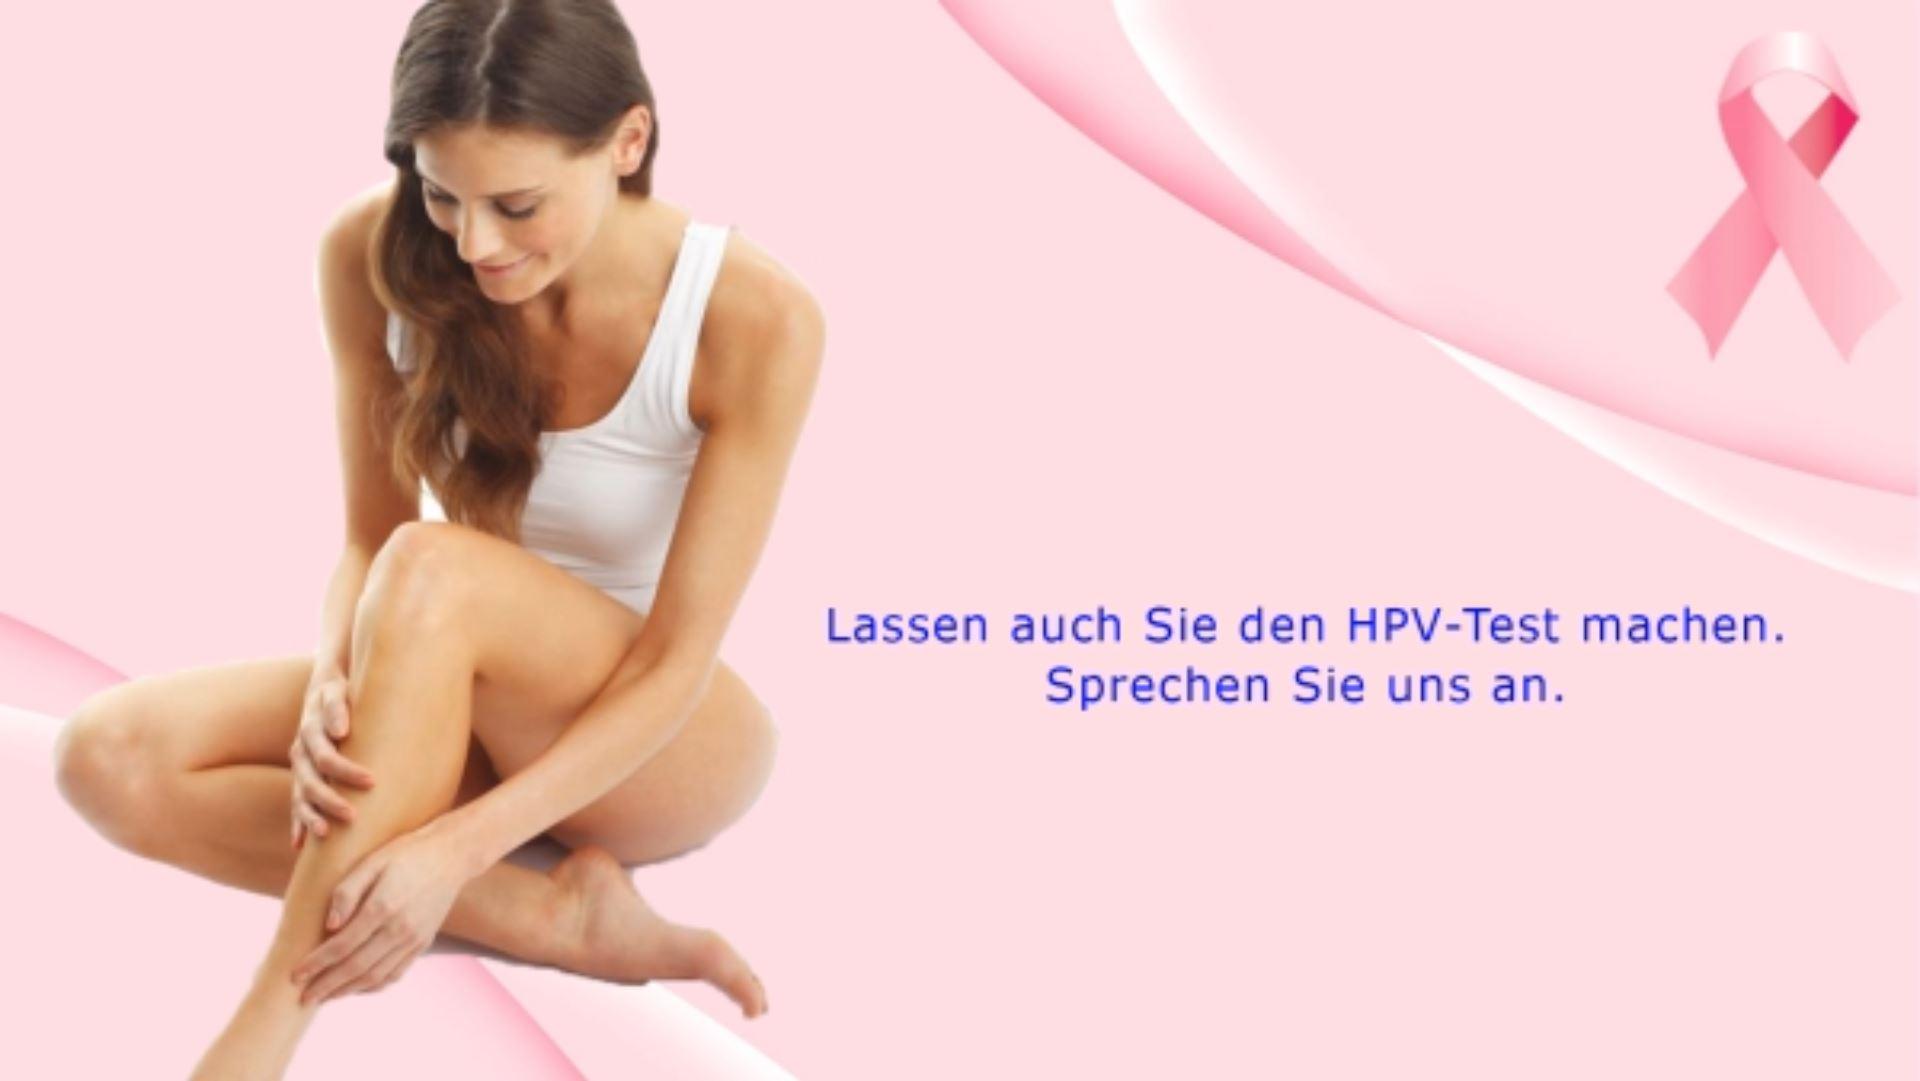 HPV-Test-Wartezimmer-TV-Digital-Signage-Praxis-Leistung